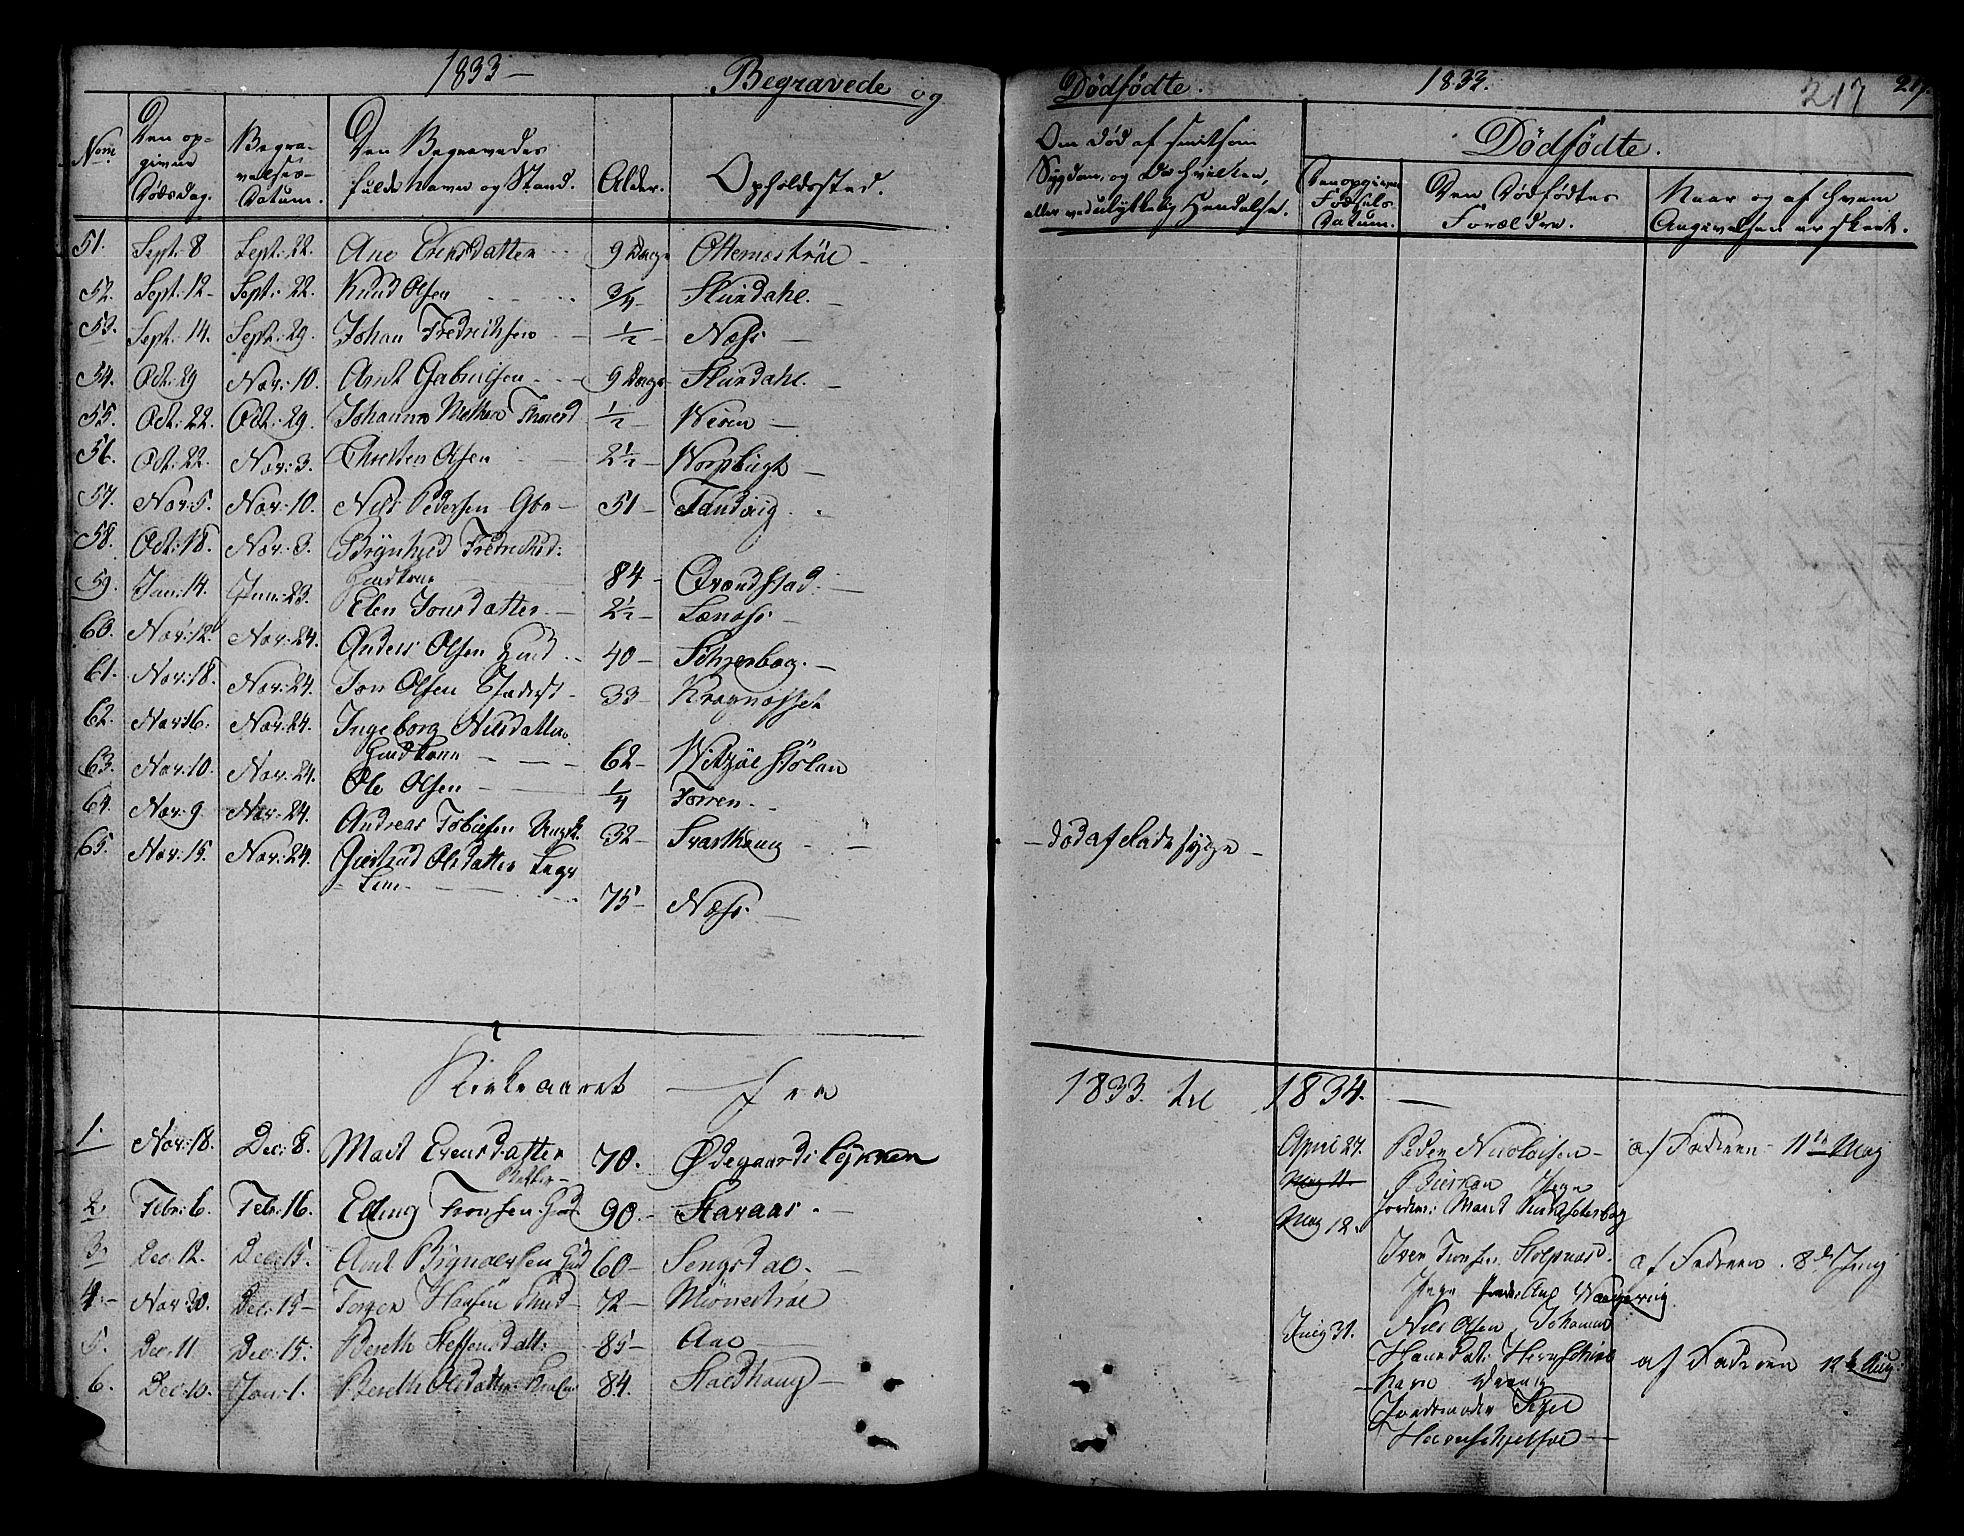 SAT, Ministerialprotokoller, klokkerbøker og fødselsregistre - Sør-Trøndelag, 630/L0492: Ministerialbok nr. 630A05, 1830-1840, s. 217